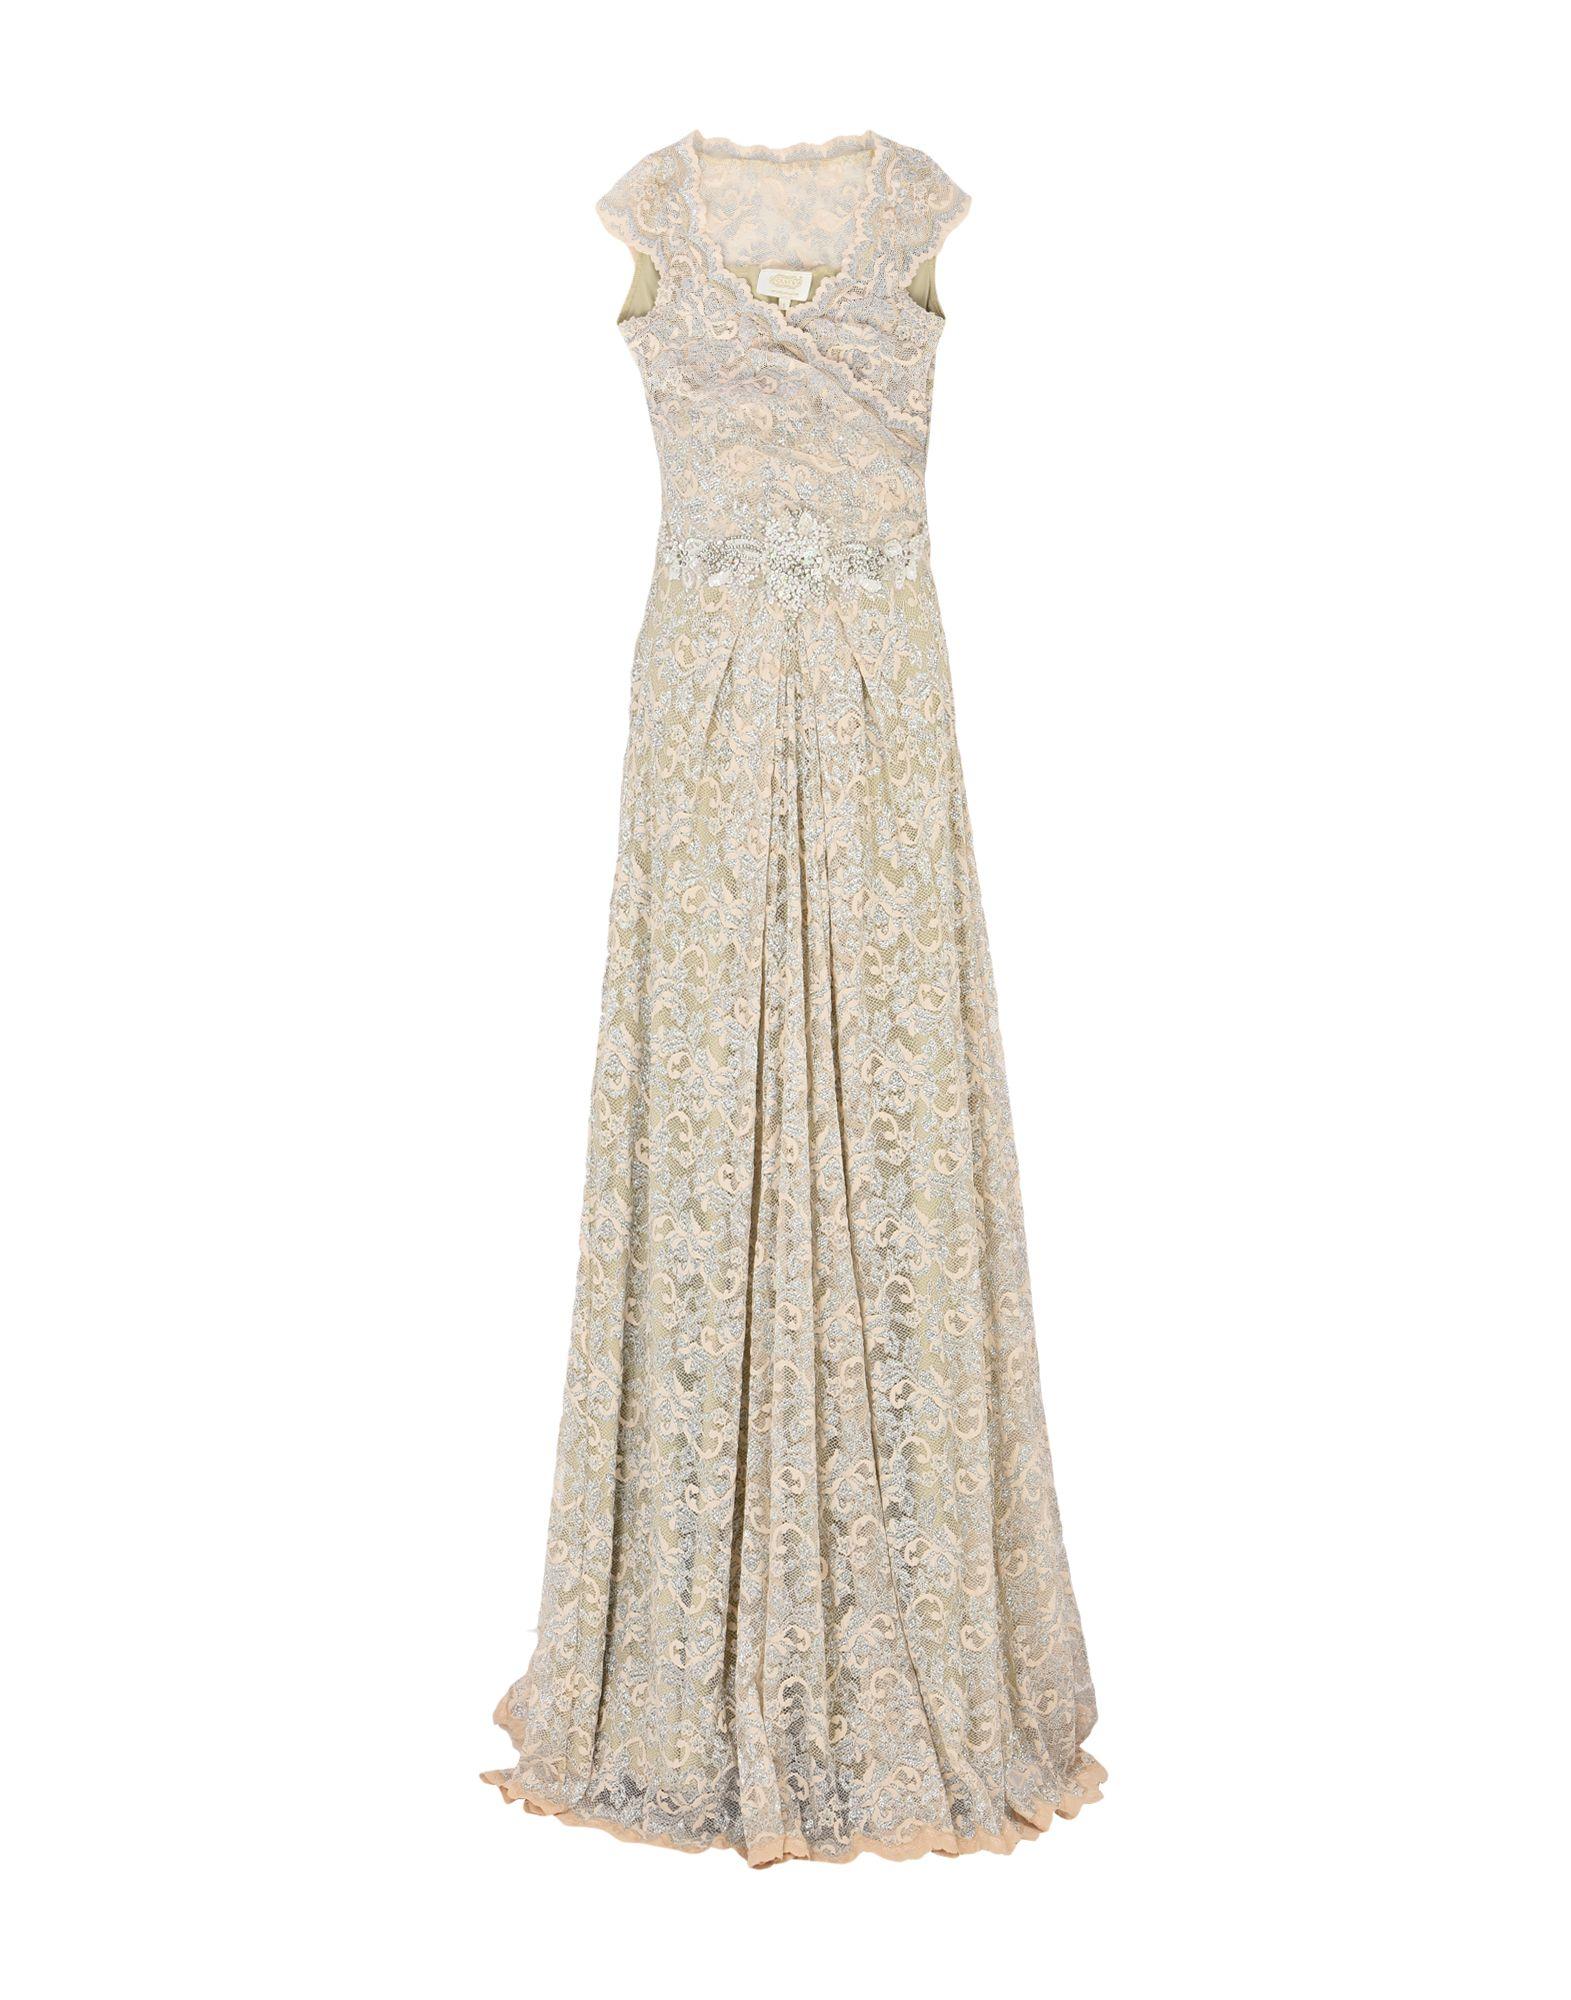 OLVI S Long Dress in Ivory